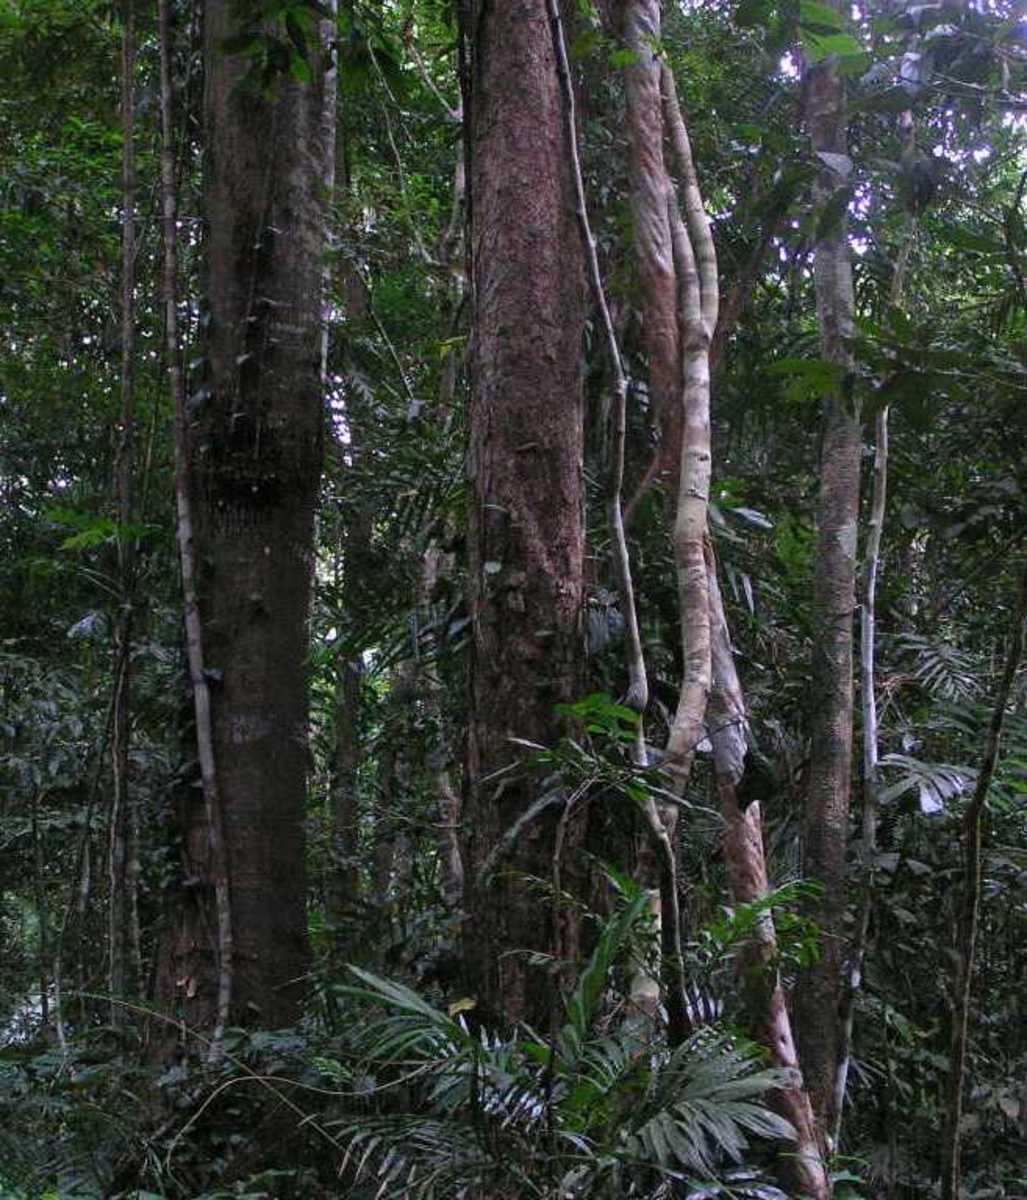 How to make a rainforest diorama